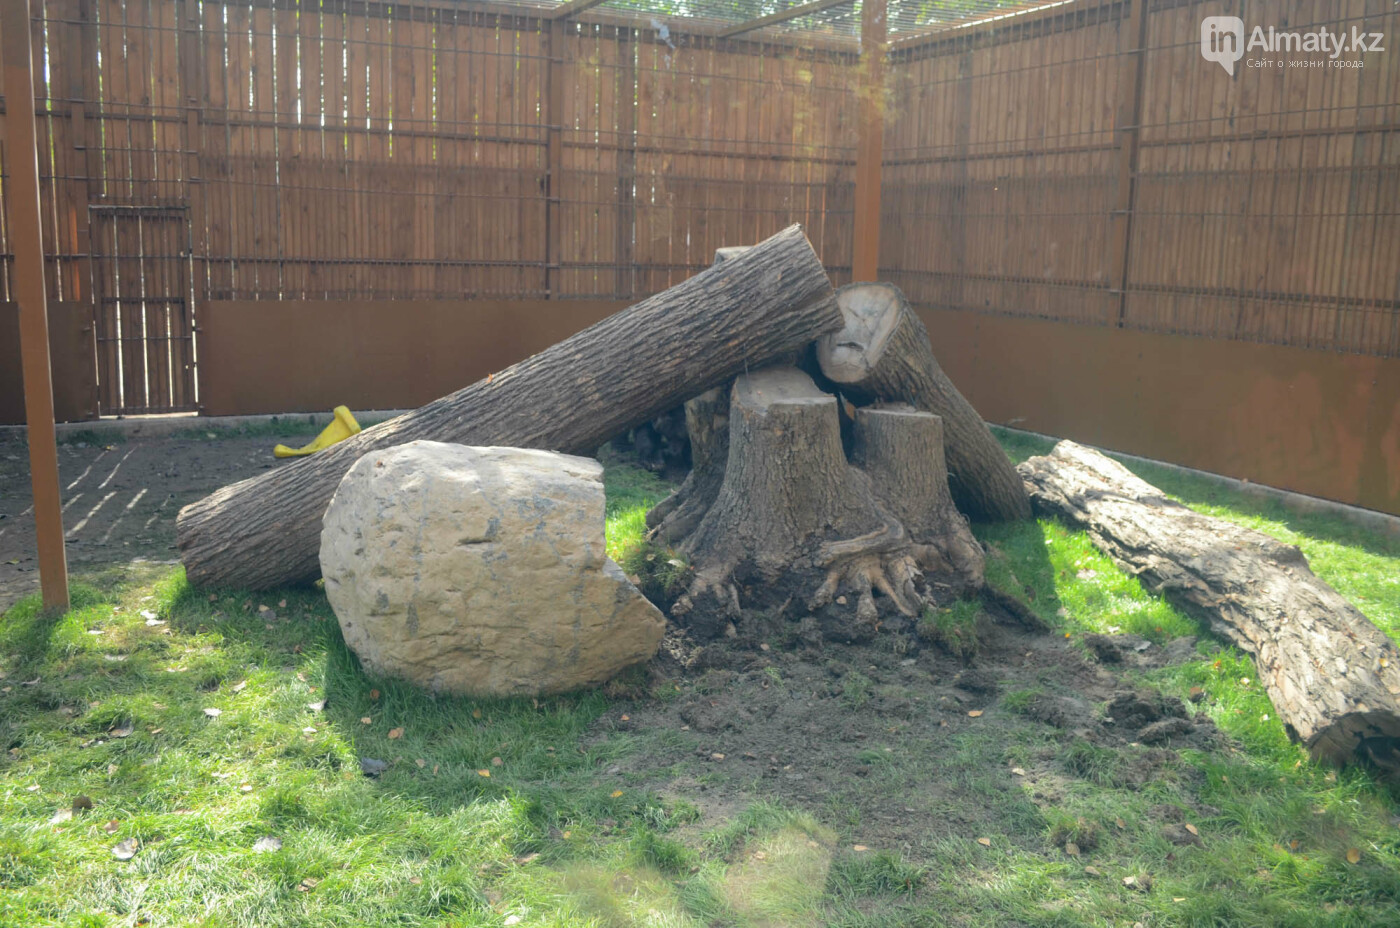 Медведь Акжолтай обрел новый дом в алматинском зоопарке (фото), фото-4